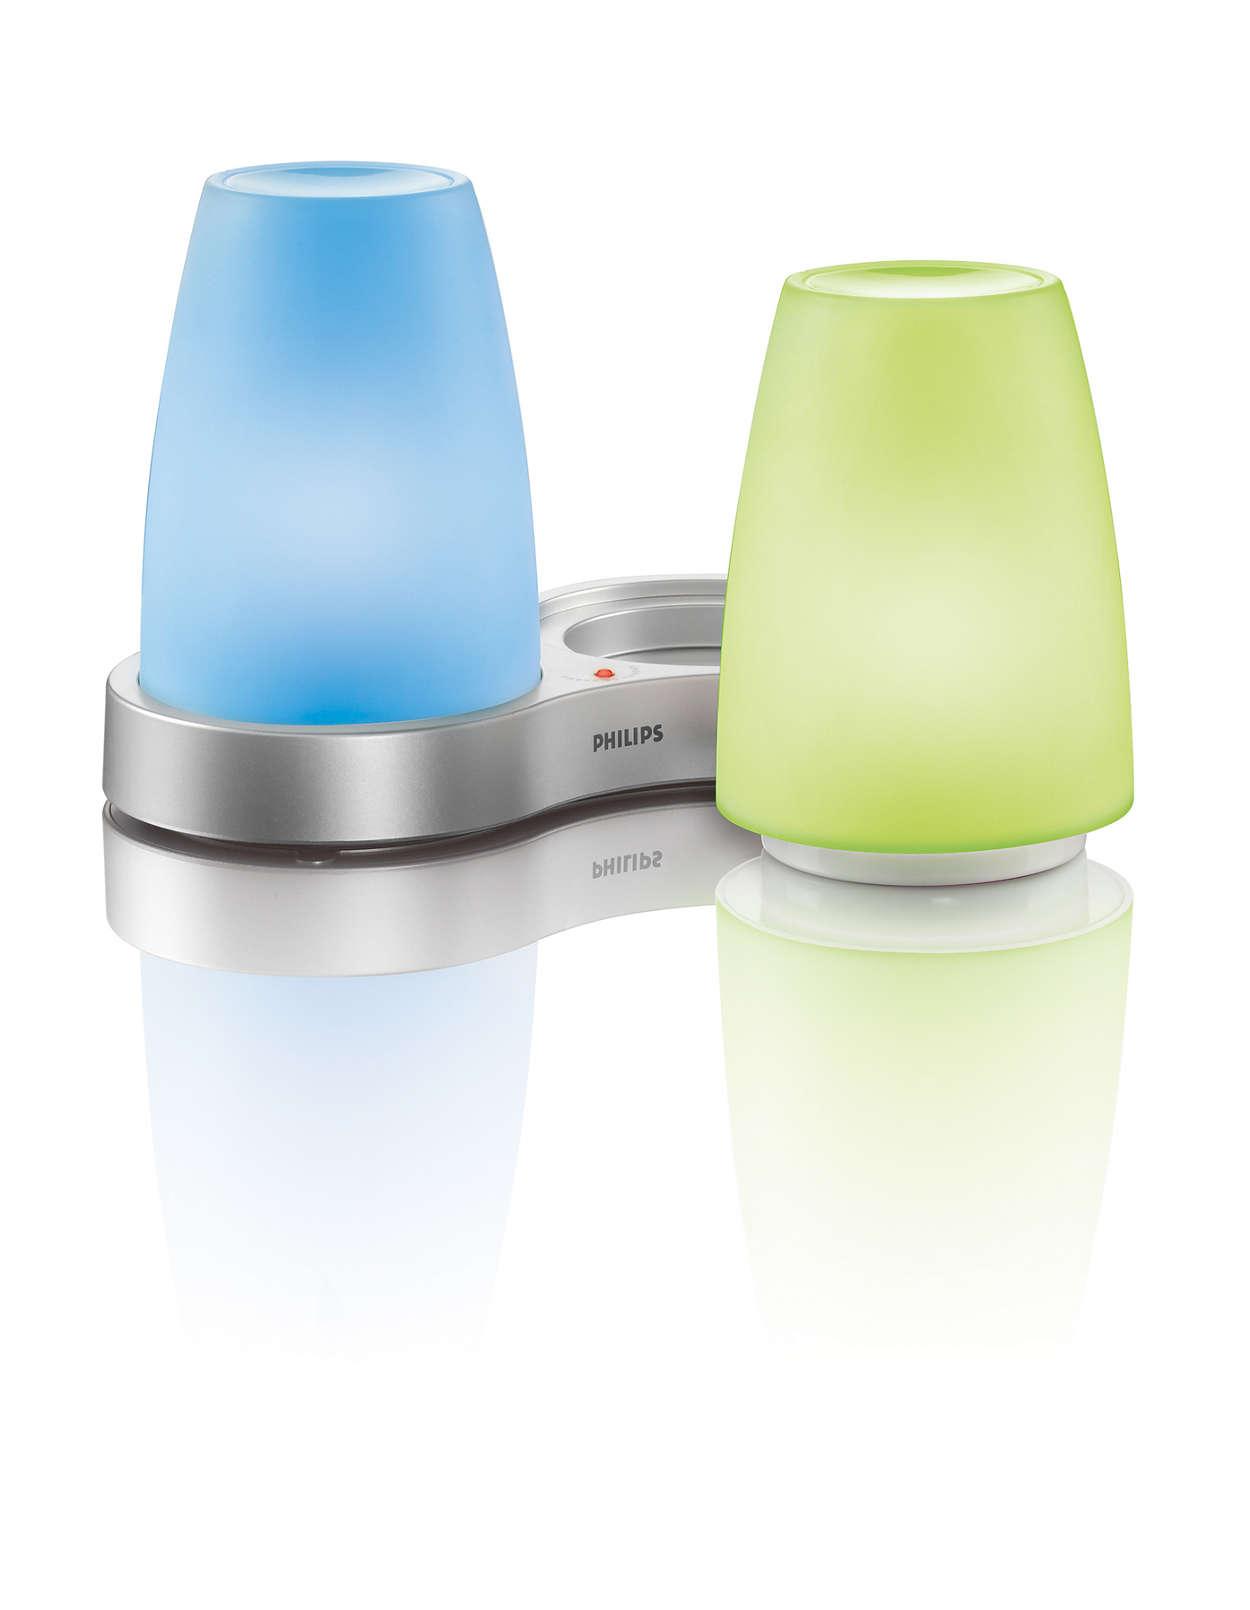 Für eine farbenfrohe, gemütliche Atmosphäre in Ihrem Zuhause